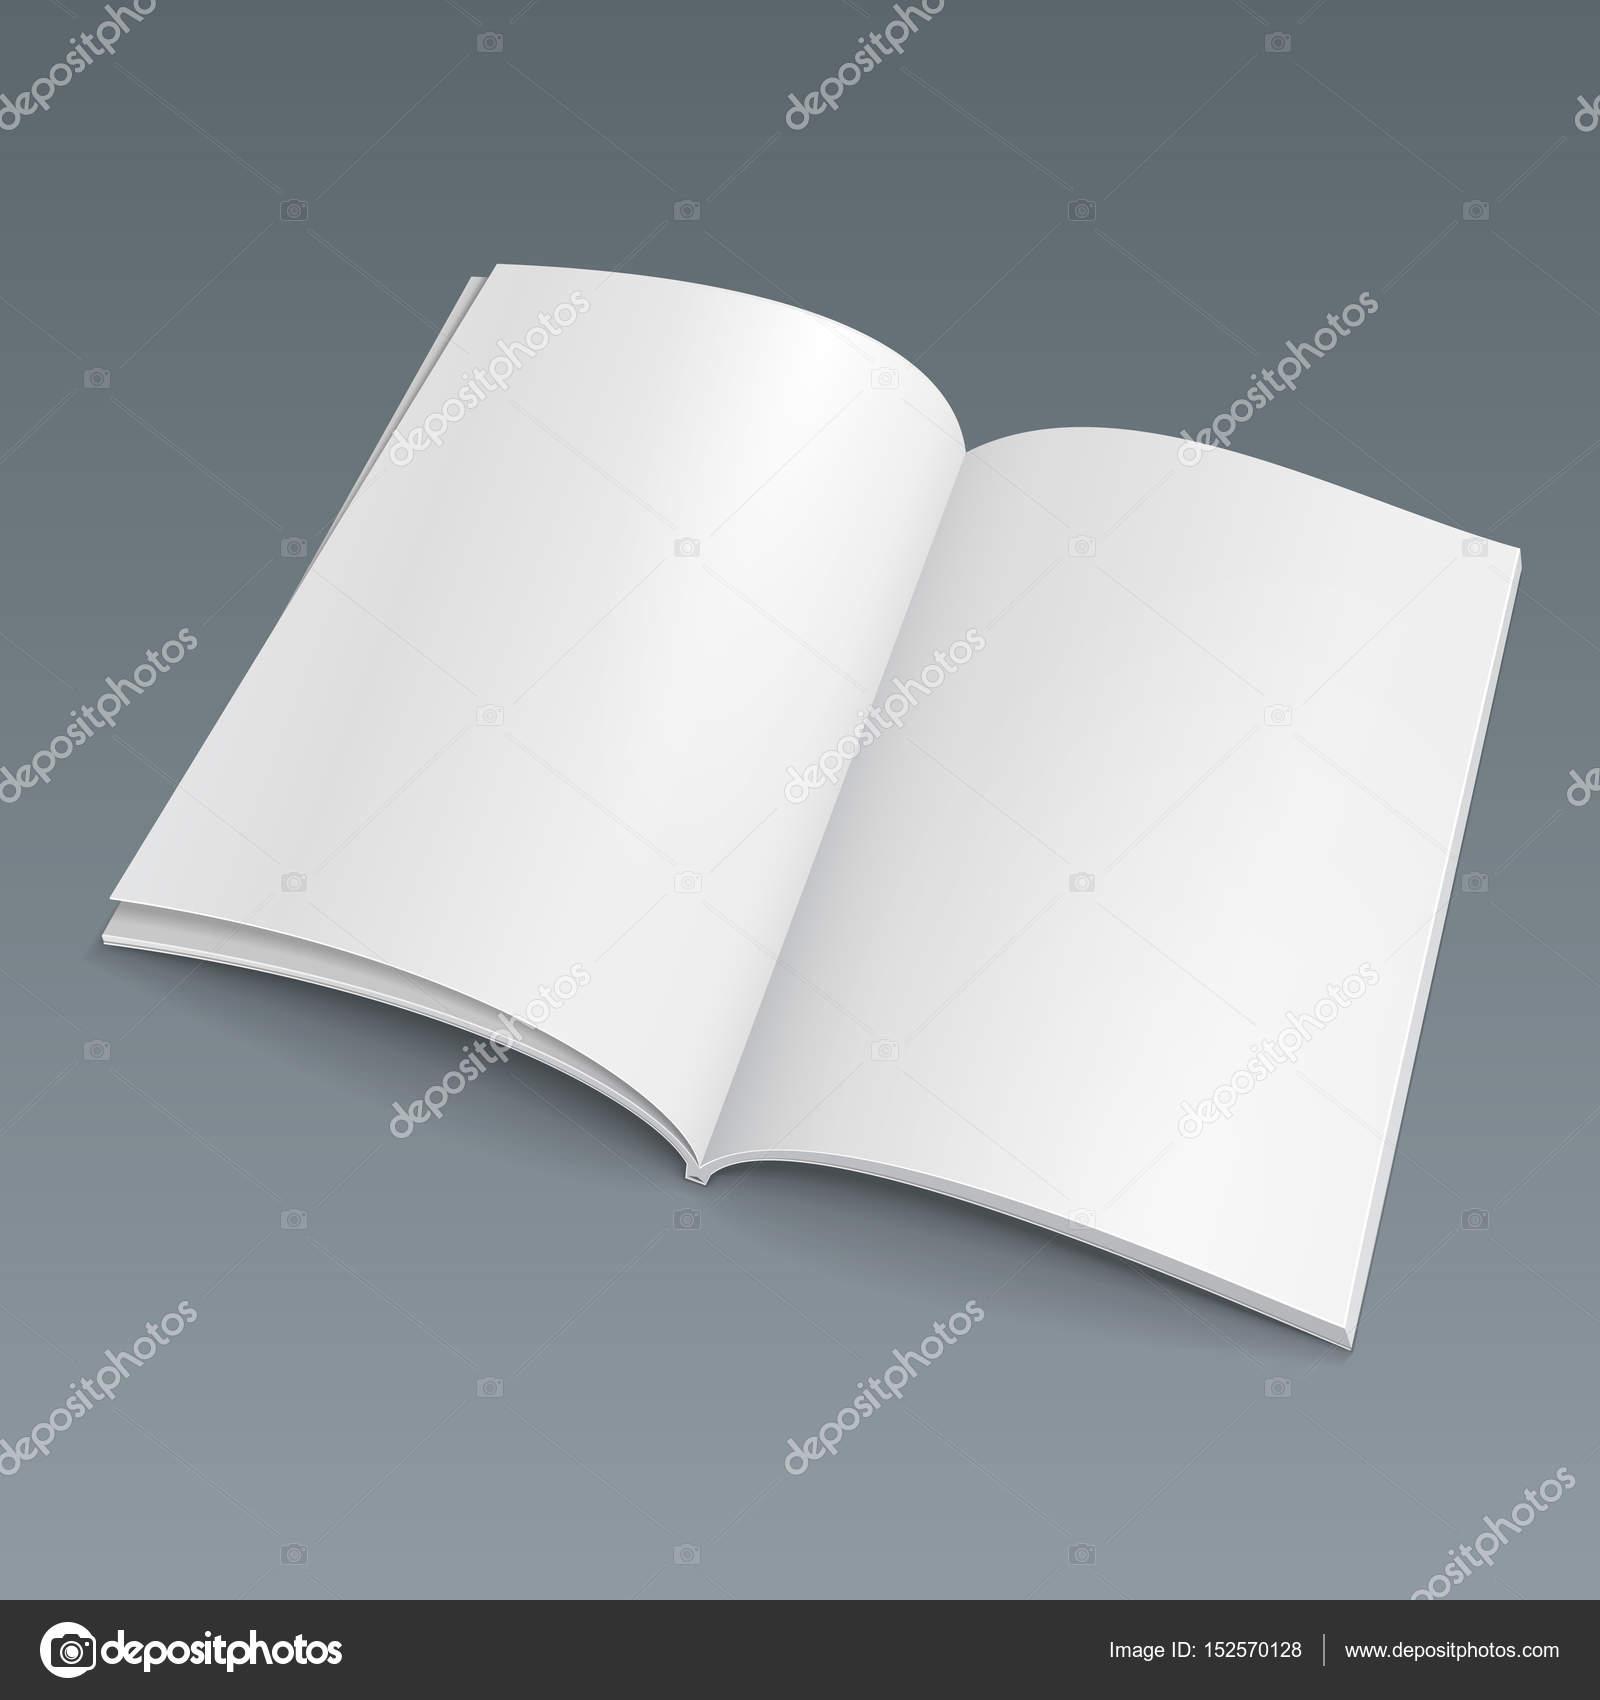 Blank geöffnet Buch, Broschüre, Zeitschrift, Broschüre. Abbildung ...